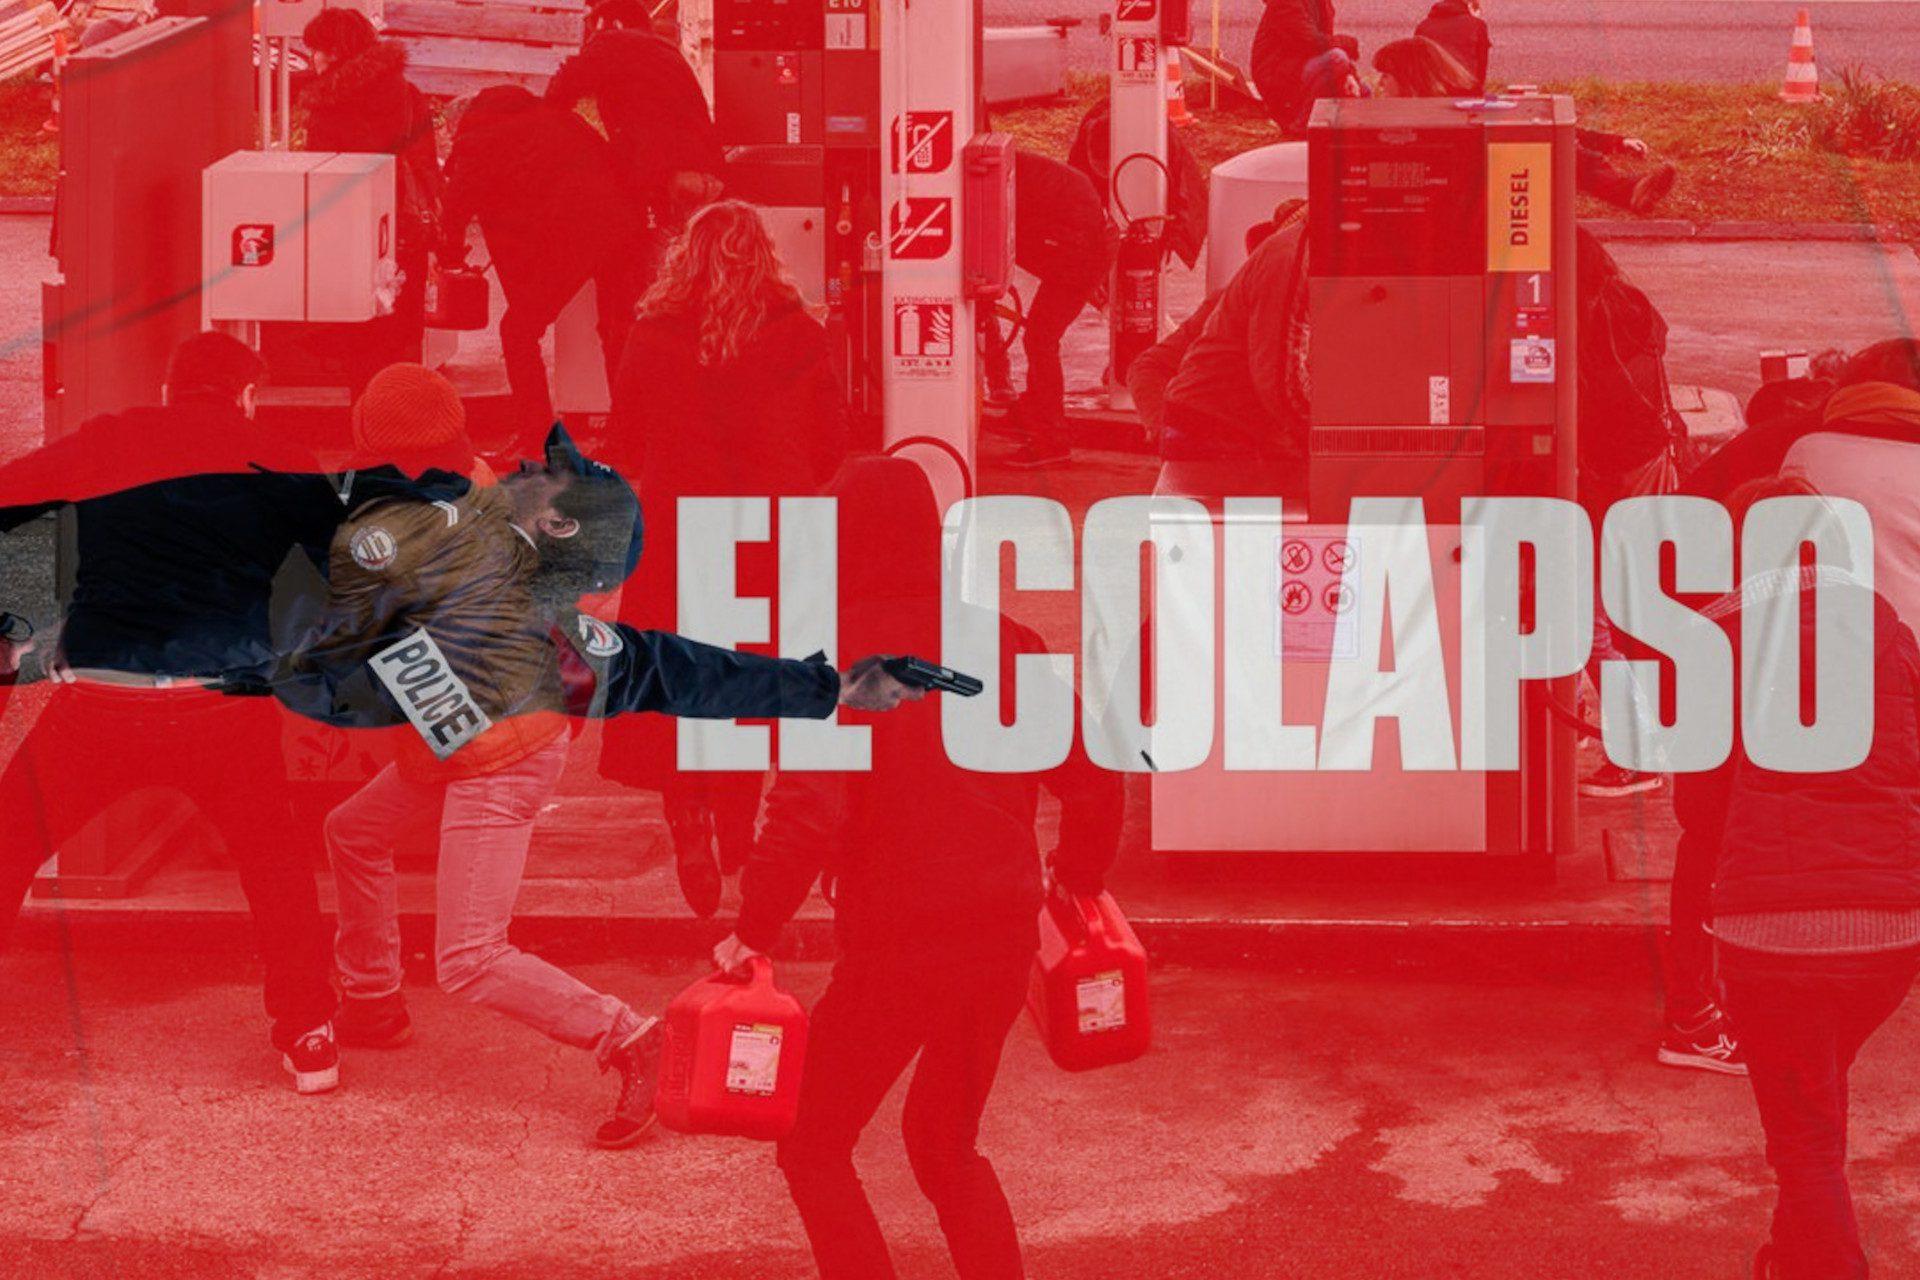 La serie francesa El Colapso en Filmin